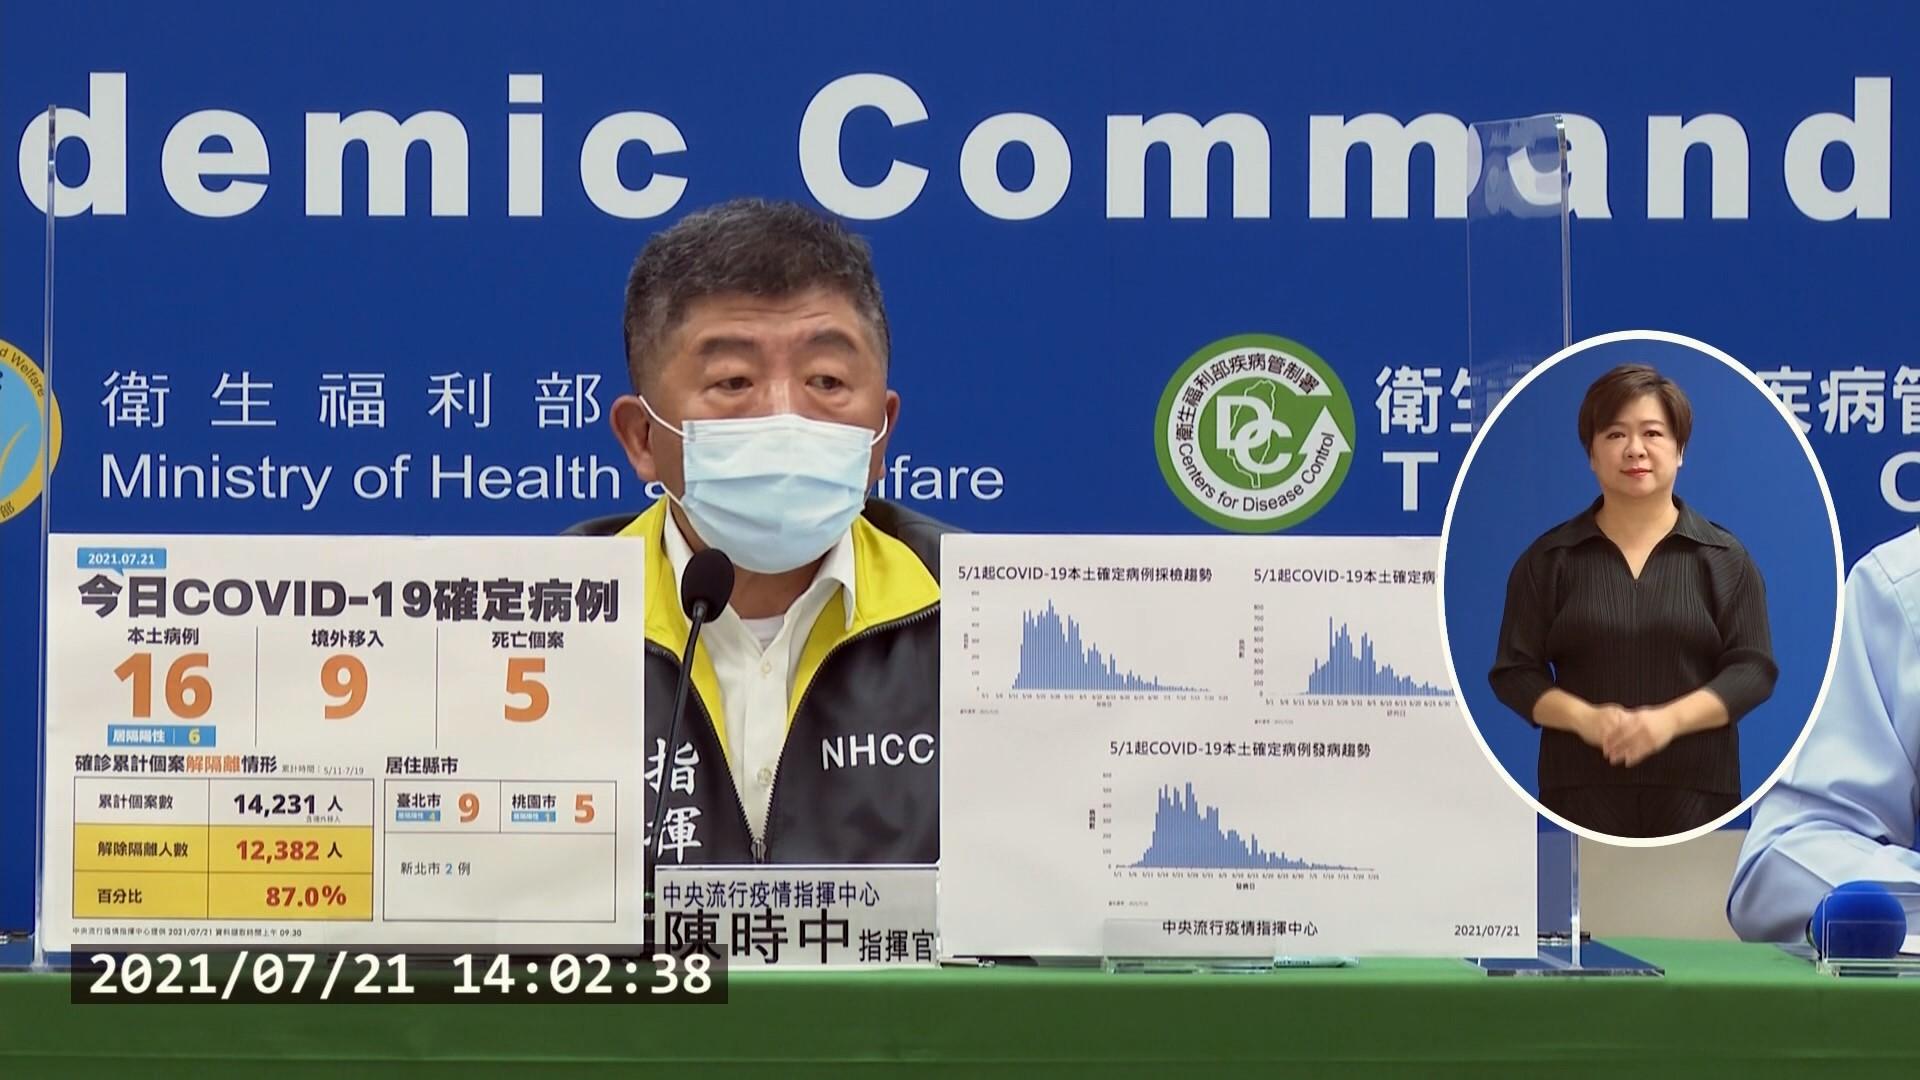 Ngày 21/7 Đài Loan ghi nhận 16 ca nhiễm trong nước